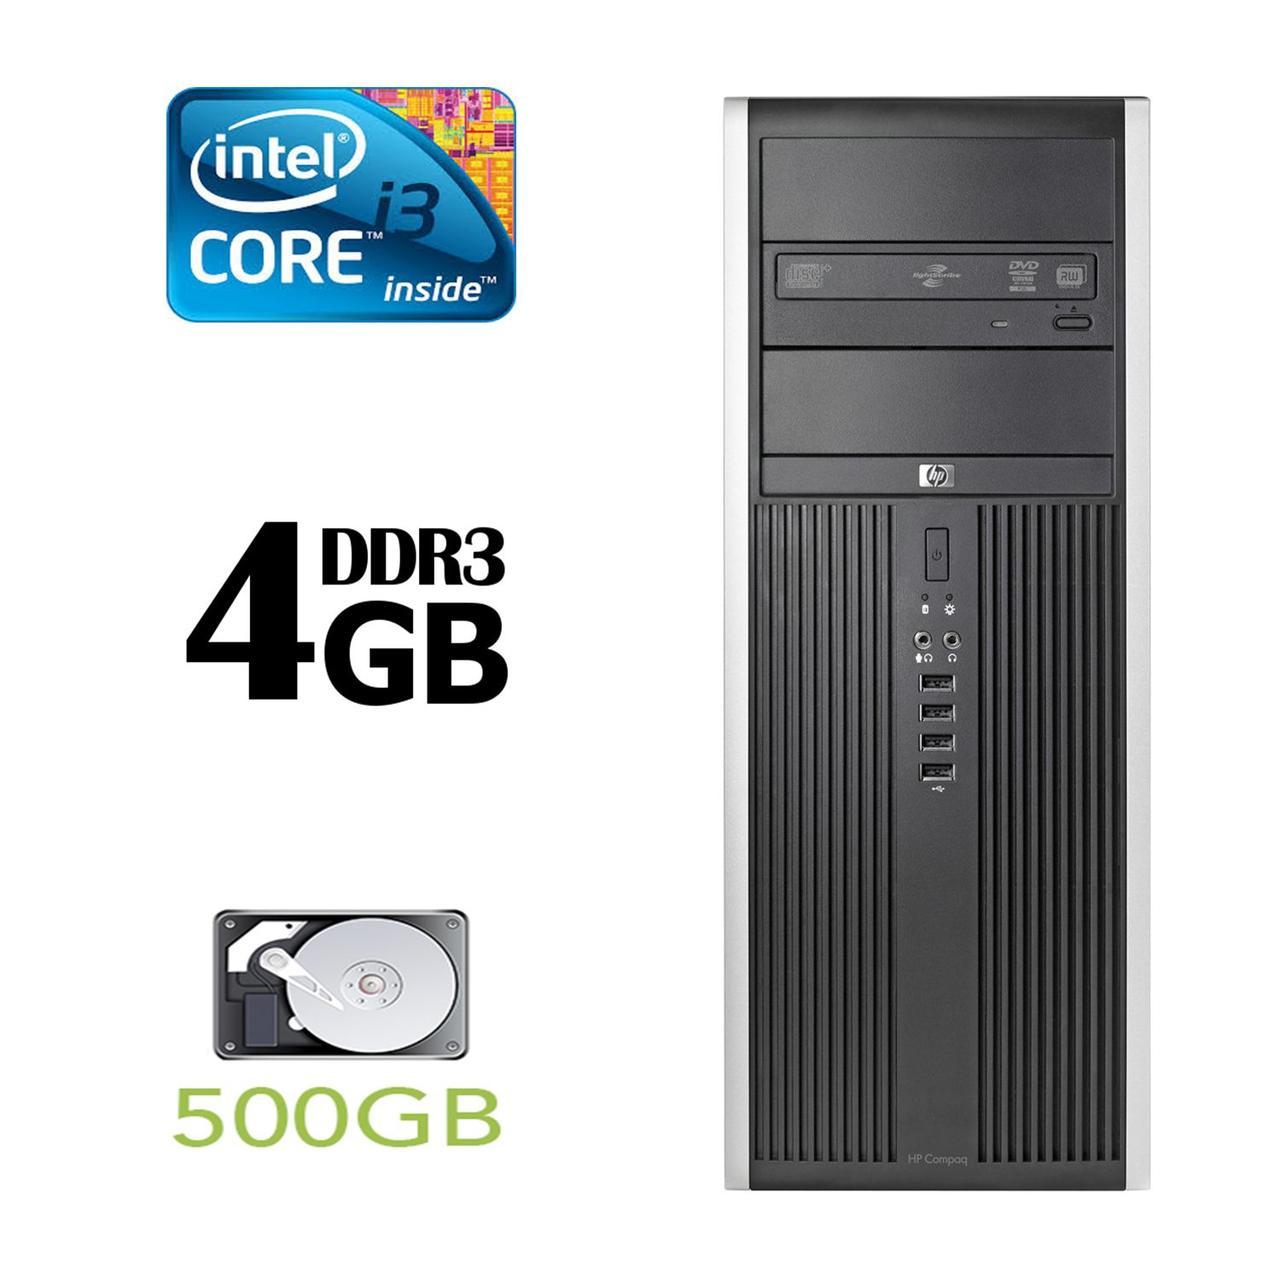 Компьютер HP 8300 Tower / Intel Core i3-3220 (2(4) ядра по 3.3GHz) / 4GB DDR3 / 500GB HDD